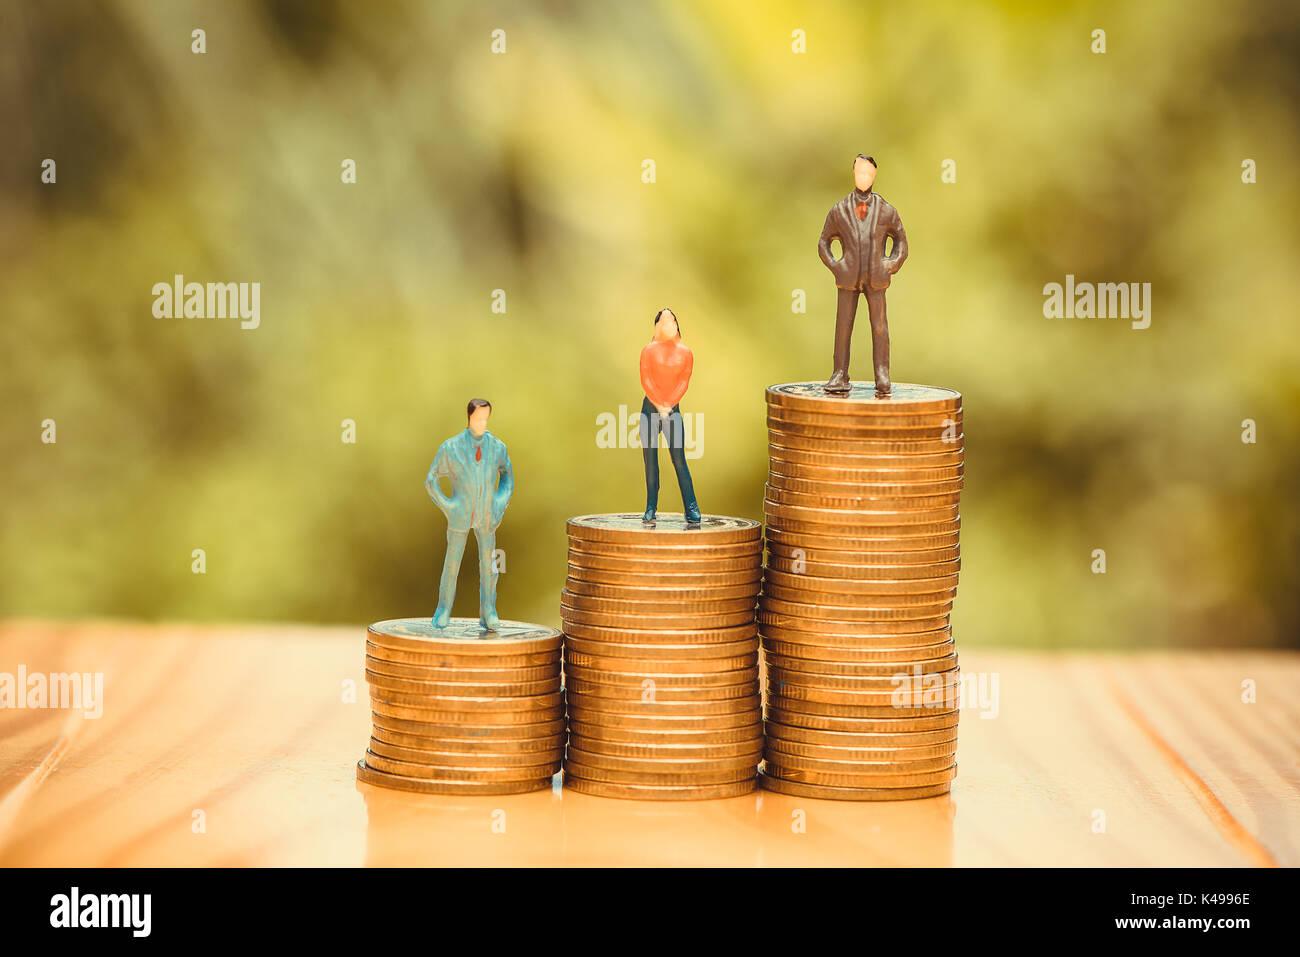 Kleine Leute, kleine Figuren Geschäftsleute und Frau an der Spitze der Münzen. Geld und finanzielle, Unternehmenswachstum Stockfoto